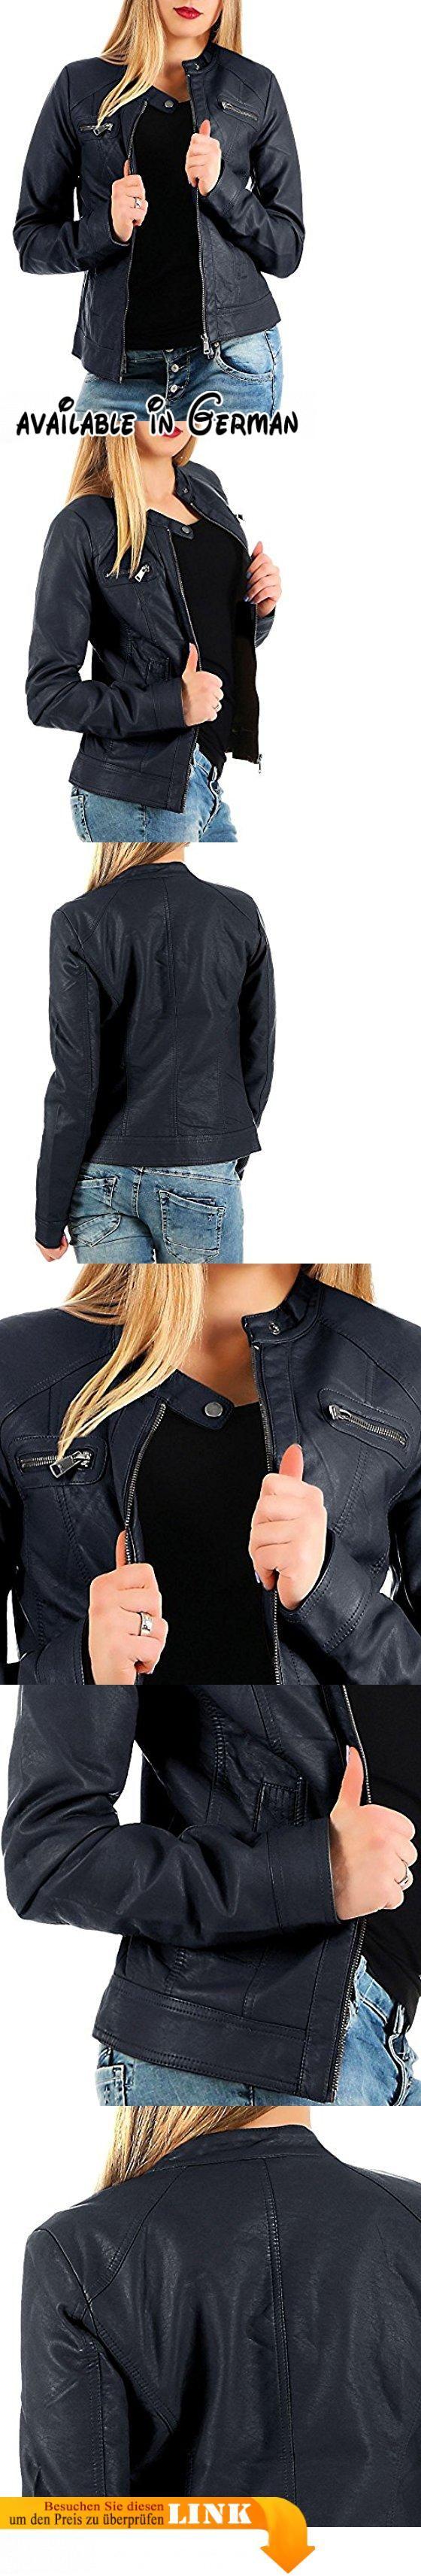 ONLY - BANDIT - Leder PU Jacke Biker - Damen, Farbe:Navy Blue;Größe:XS / 34. moderne Biker-Jacke aus weichem Lederimitat, cool, hip und absolut angesagt. die Damen-Jacke ist hüftlang geschnitten und wirkt mit ihrer taillierten Passform sehr feminin. Verschluß: Reißverschluß; Ausschnitt: kleiner Kragen mit Knopfverschluß. der Kunstleder-Blouson besitzt zwei Eingriffstaschen seitlich und zwei Zipper-Taschen auf der Brust. leicht gefüttert, ideal für Frühjahr, Sommer